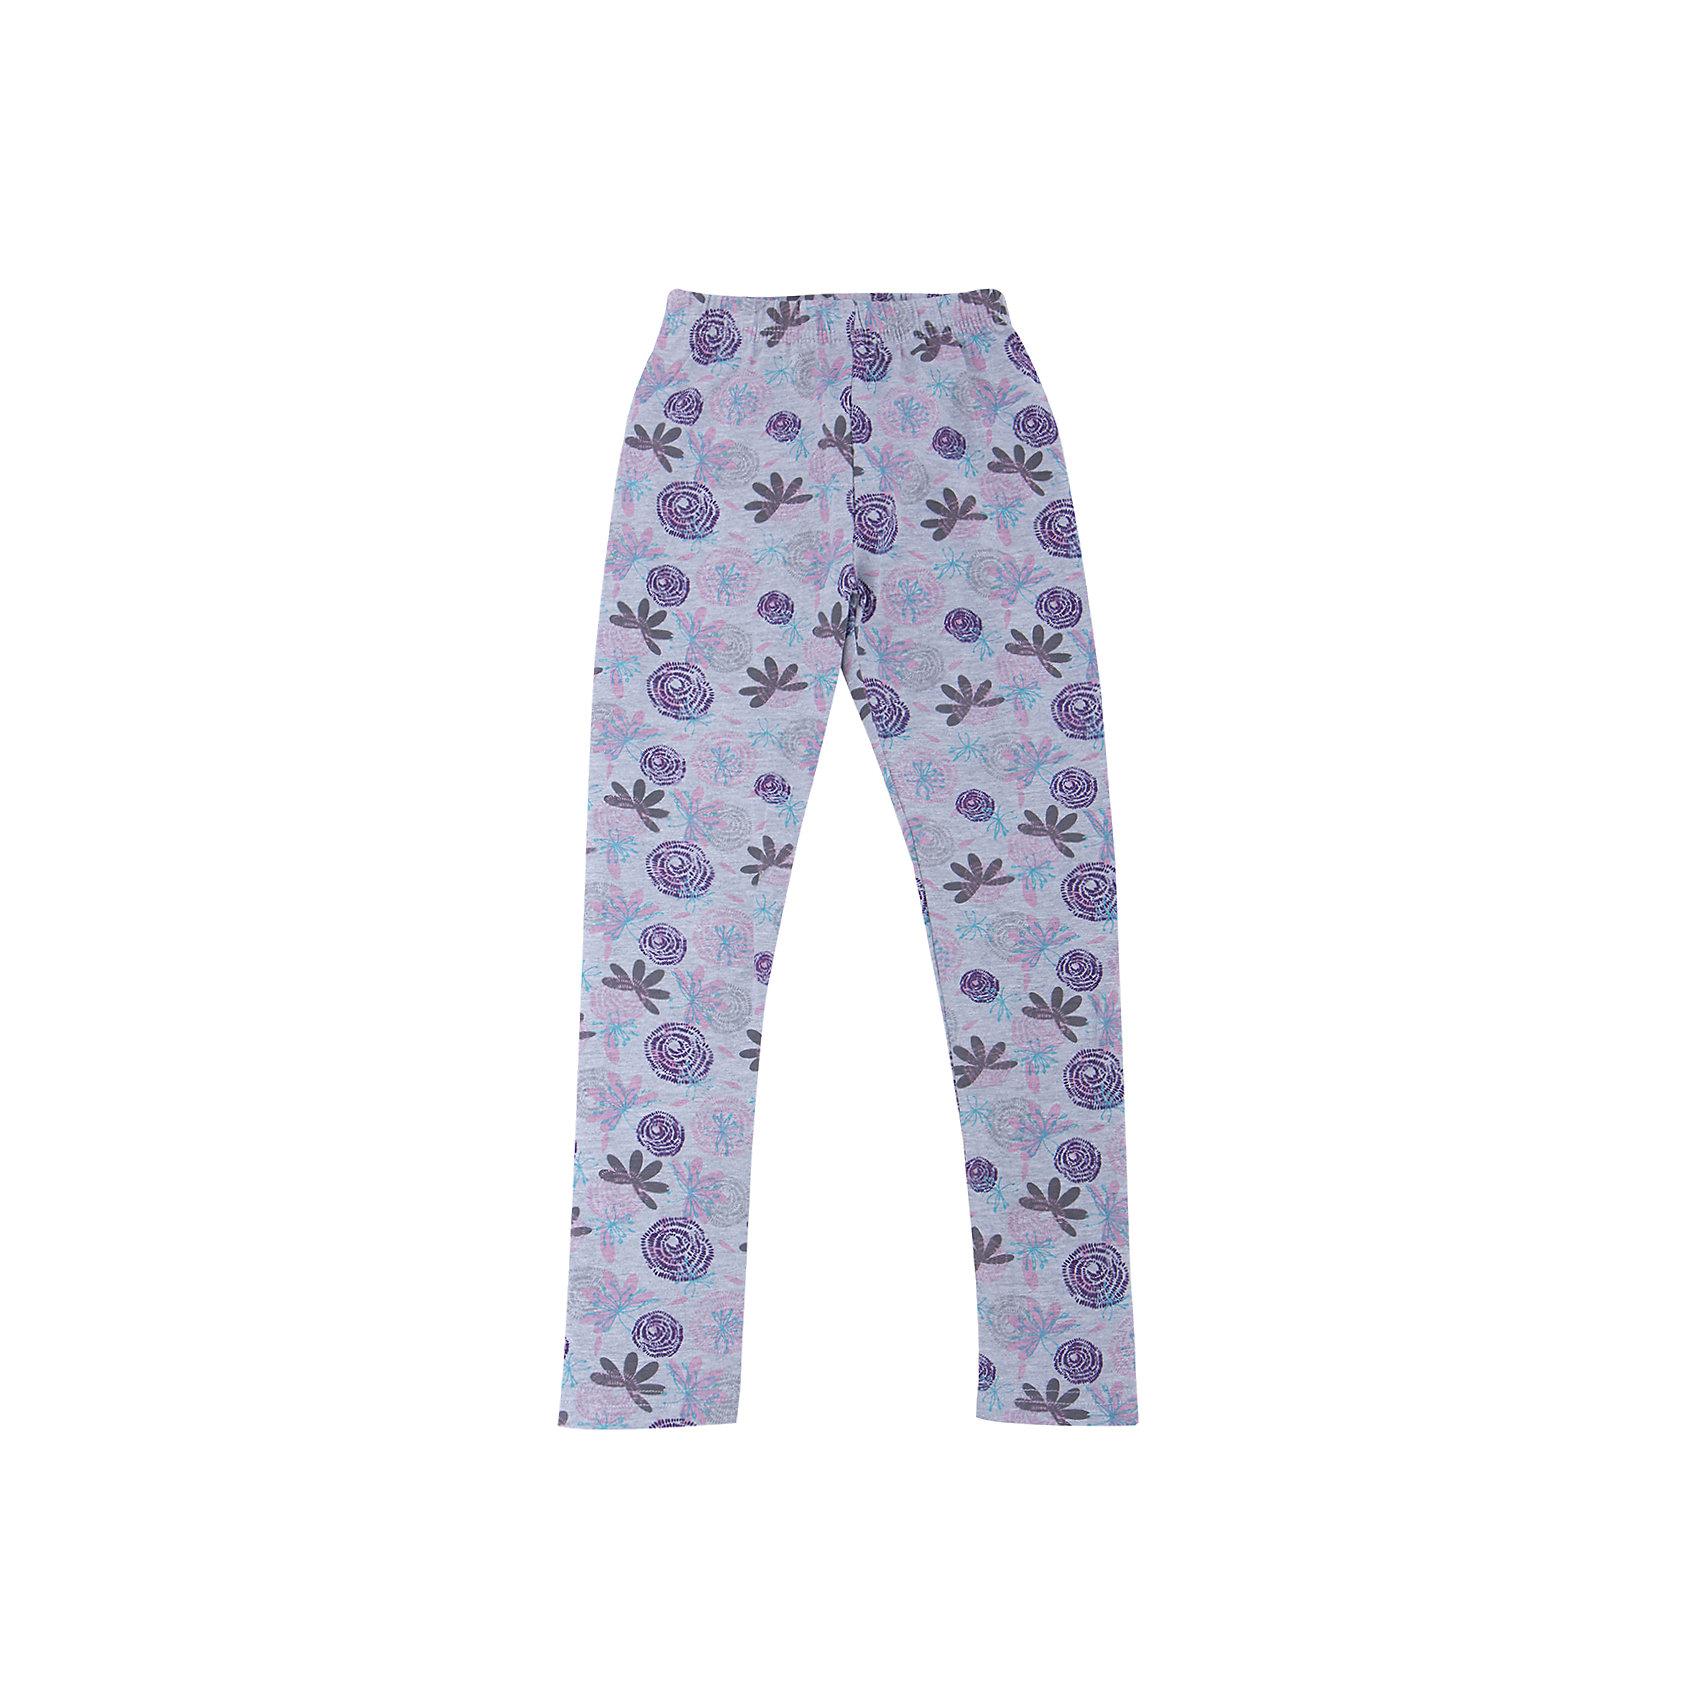 Леггинсы для девочки Sweet BerryЛеггинсы<br>Леггинсы – удобная одежда для дома или занятий спортом. Приятный материал обеспечивает комфорт на протяжении всего времени ношения вещи. Модный принт – отличительная особенность модели. Пояс выполнен из внутренней резинки. Леггинсы не имеют твердых вставок, поэтому подходят в качестве варианта одежды для сна. Нежный цвет подойдет ко многим детским вещам. Материалы, использованные при изготовлении одежды, полностью безопасны для детей и отвечают всем требованиям по качеству продукции данной категории.<br><br>Дополнительная информация: <br><br>пояс на резинке;<br>модный принт;<br>прямой крой;<br>цвет: серый;<br>материал: хлопок 95%, эластан 5%.<br><br>Леггинсы для девочки от компании Sweet Berry можно приобрести в нашем магазине.<br><br>Ширина мм: 123<br>Глубина мм: 10<br>Высота мм: 149<br>Вес г: 209<br>Цвет: серый<br>Возраст от месяцев: 24<br>Возраст до месяцев: 36<br>Пол: Женский<br>Возраст: Детский<br>Размер: 98,104,110,116,122,128<br>SKU: 4931792